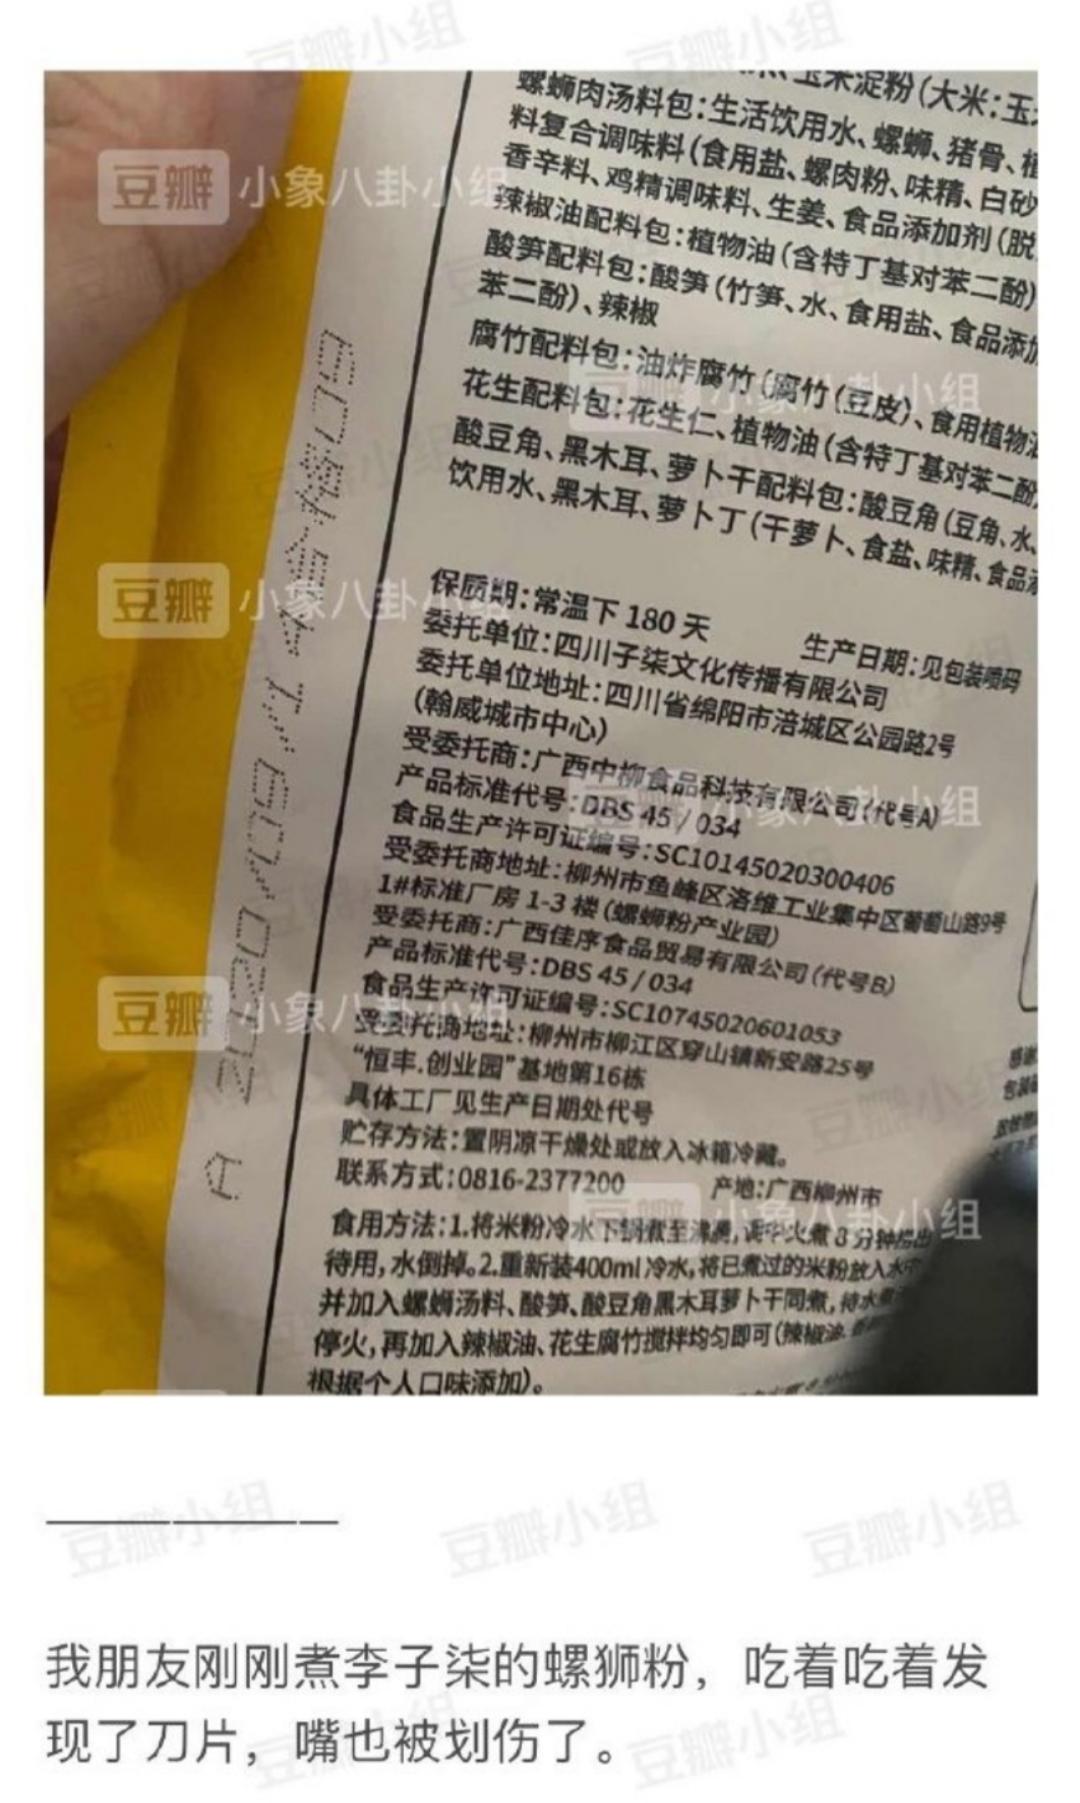 网友发布的螺蛳粉产品介绍